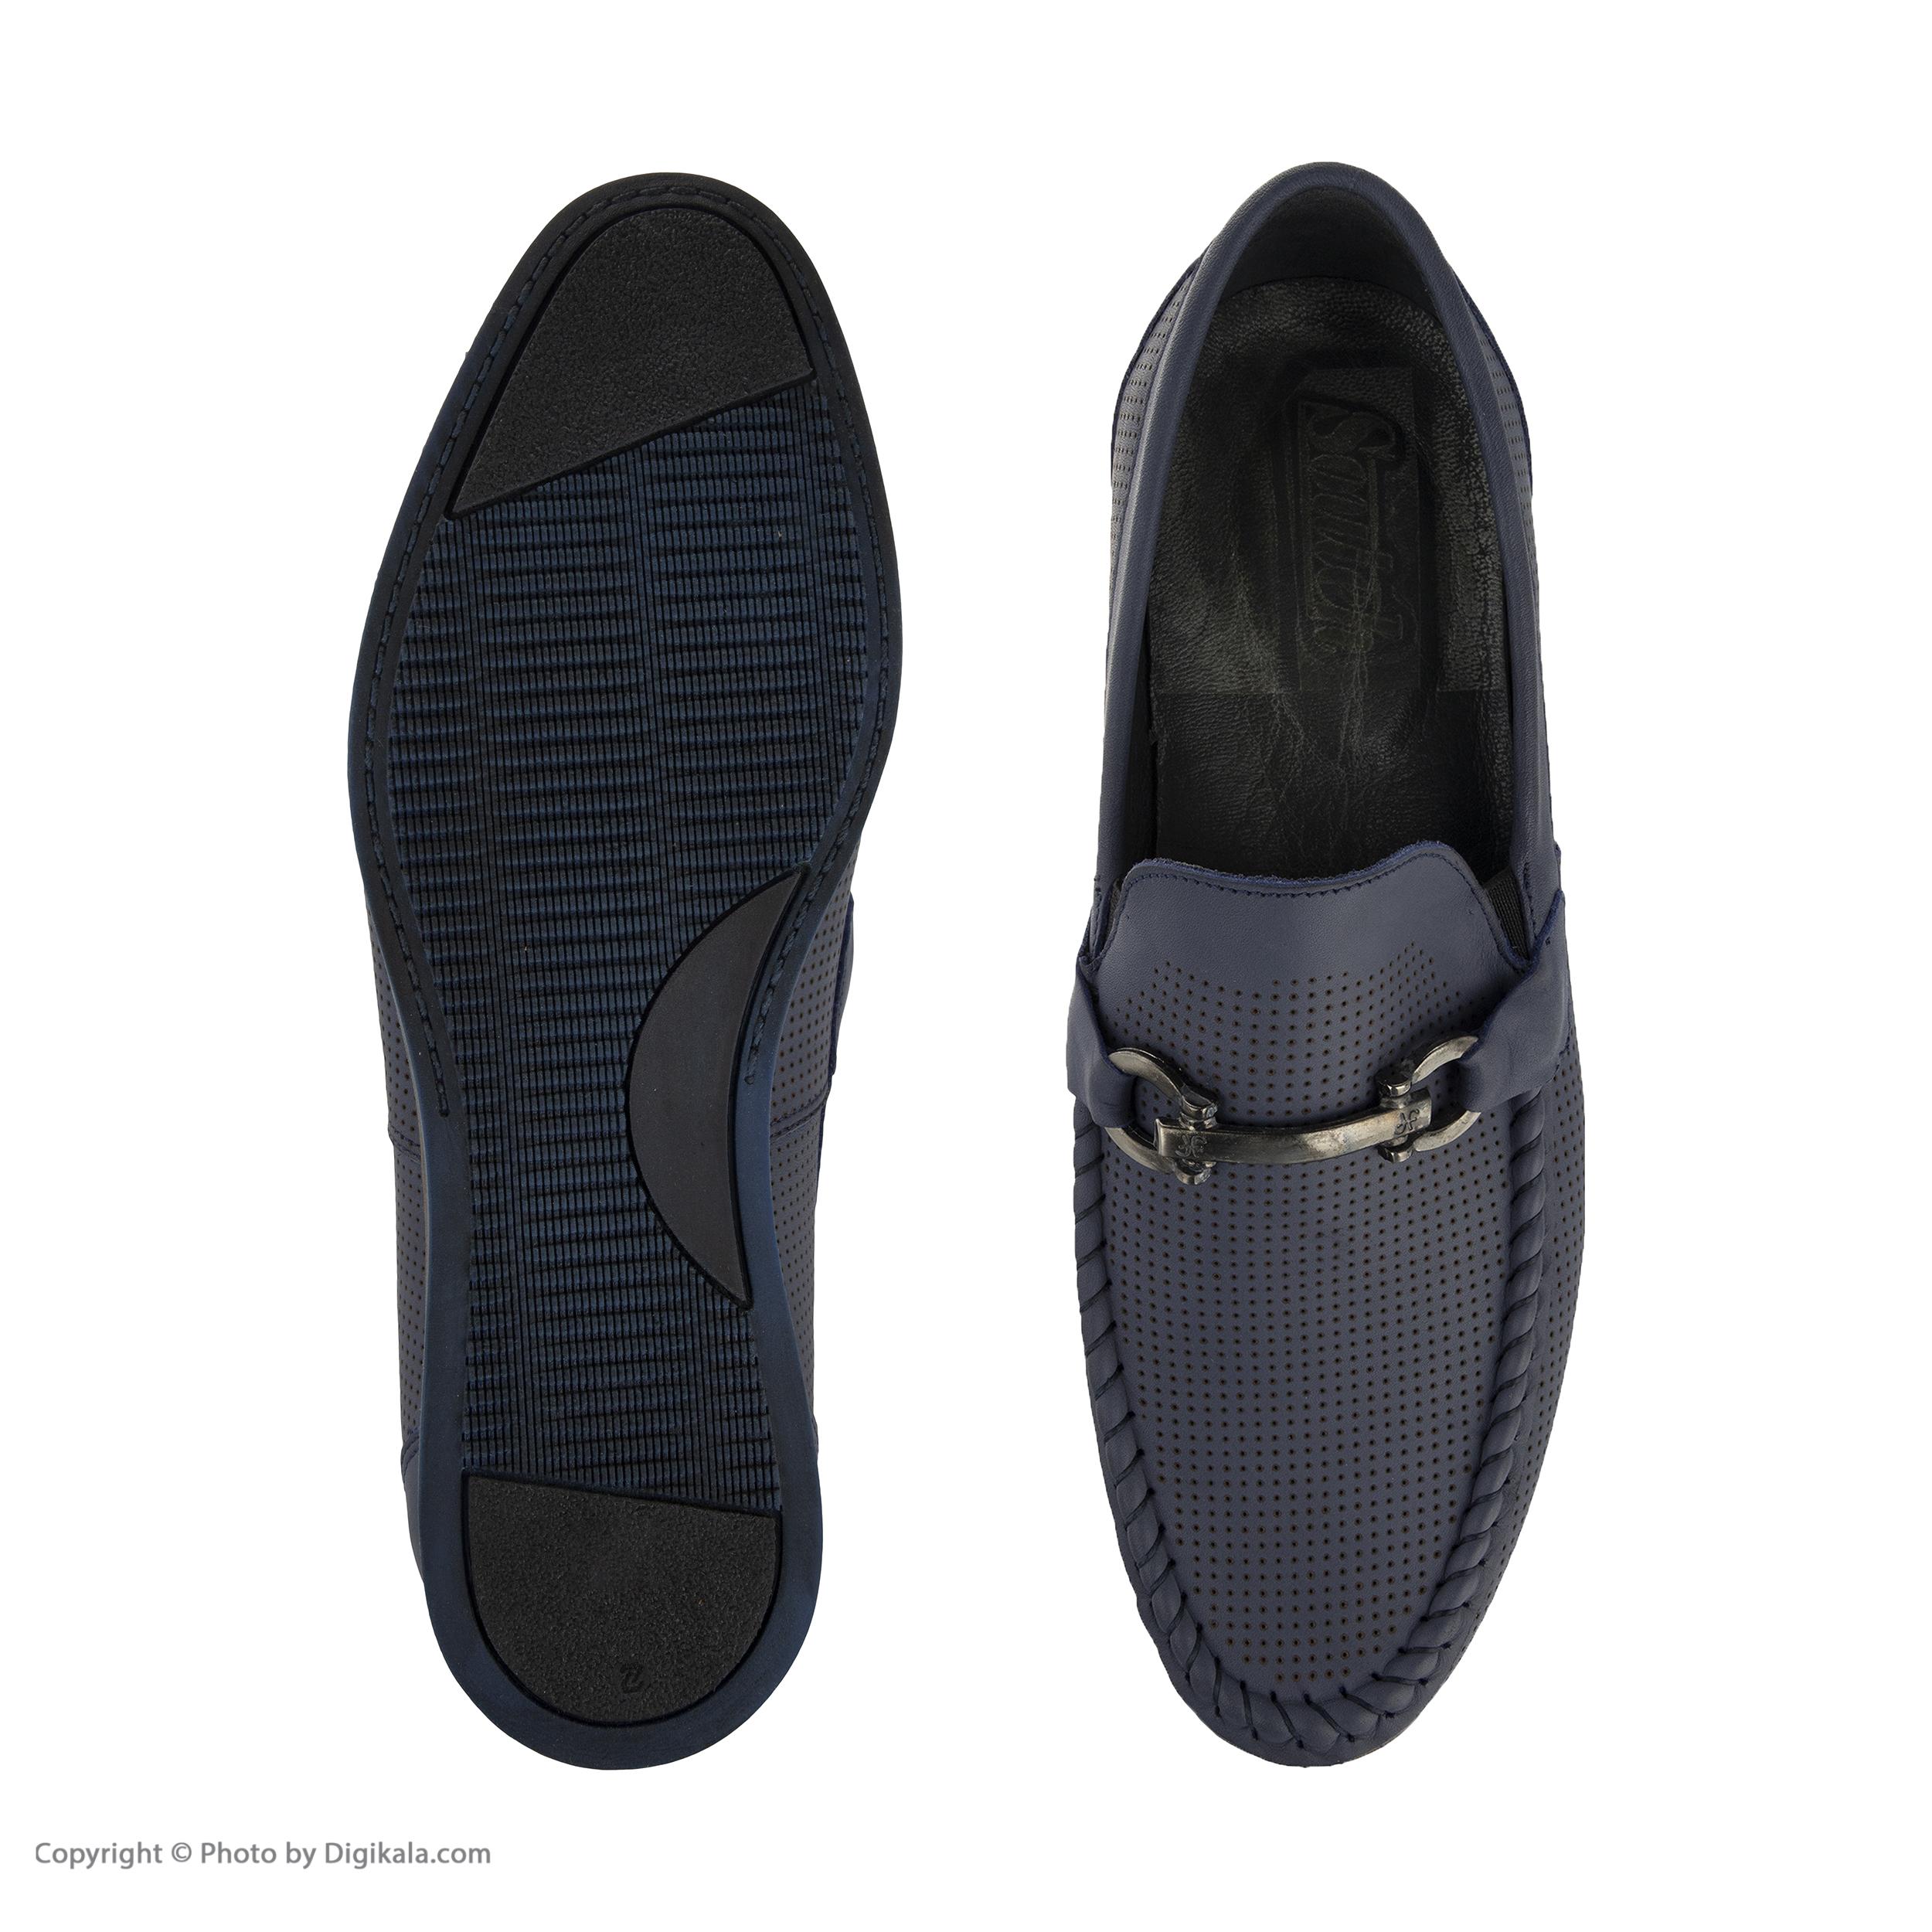 کفش روزمره مردانه سوته مدل 5014A503103 -  - 4